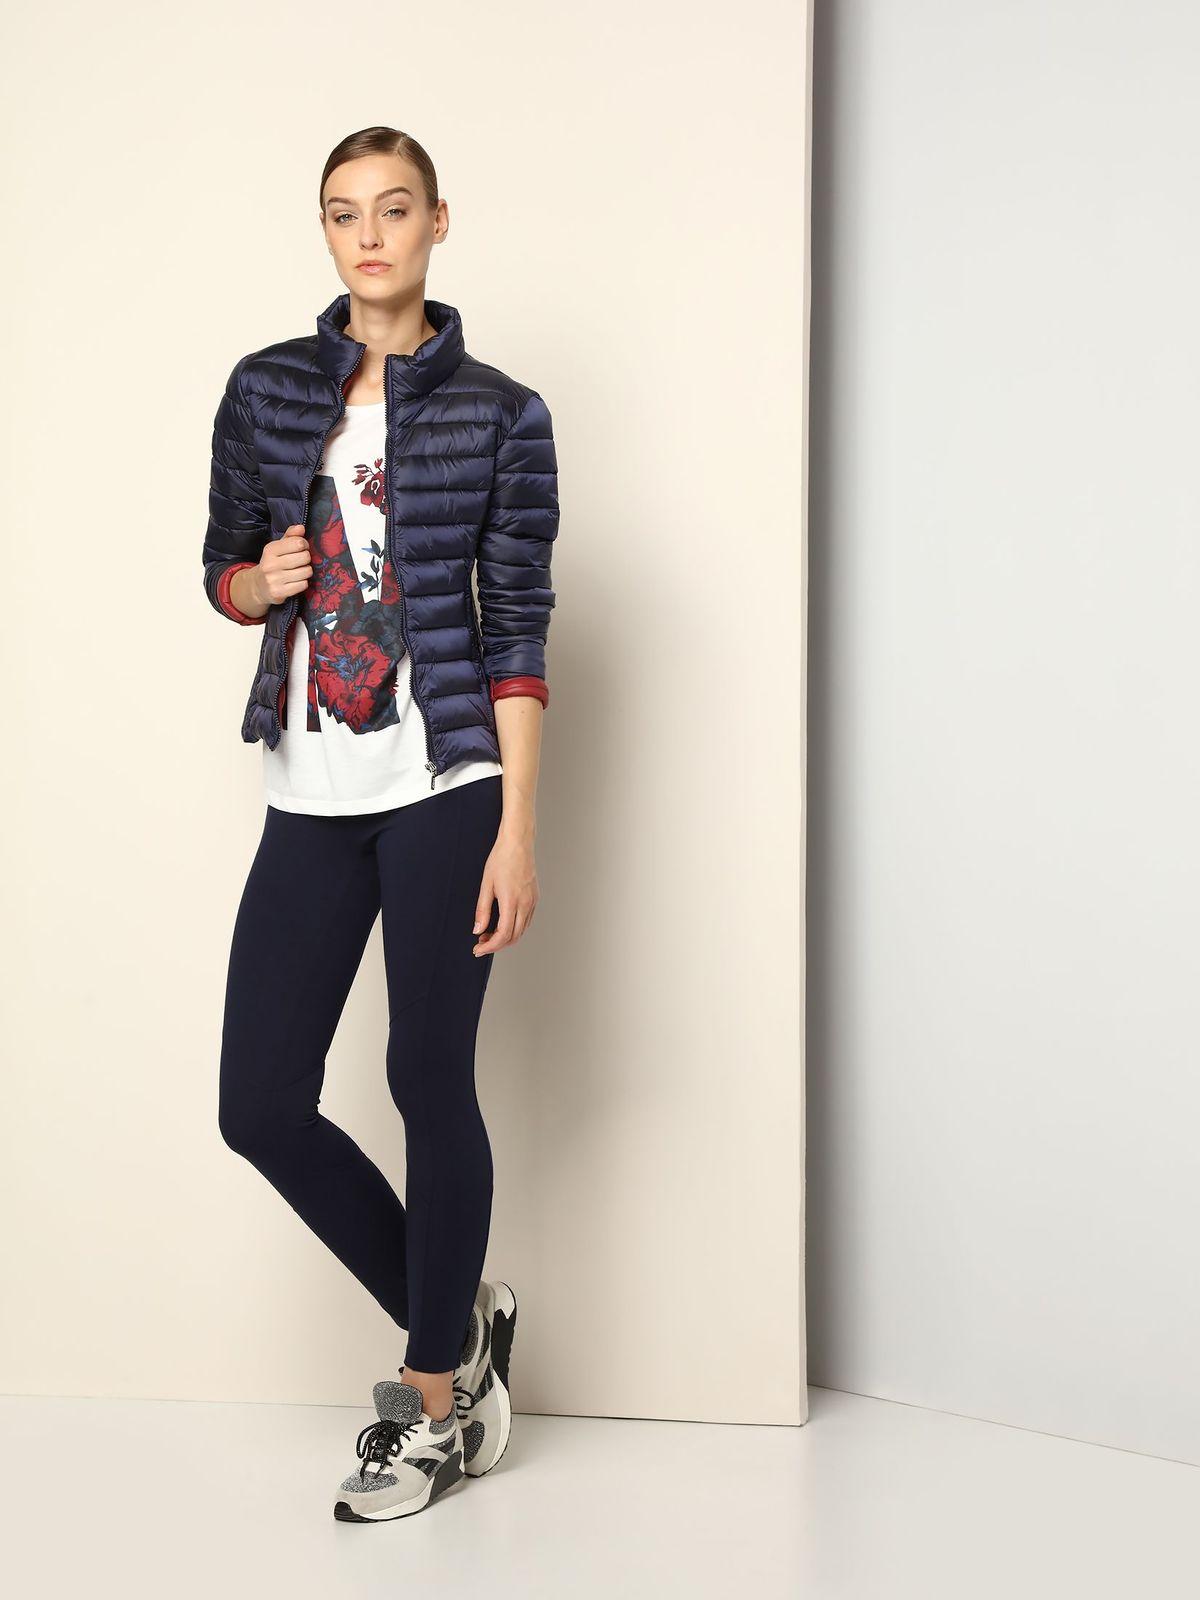 Куртка женская Drywash, цвет: темно-синий. DKU0069GR. Размер XL (48/50)DKU0069GRСтильная женская куртка Drywash изготовлена из полиамида. В качестве утеплителя используется синтепон. Модель с воротником-стойкой застегивается на застежку-молнию. Спереди расположены два прорезных кармана на застежках-молниях.